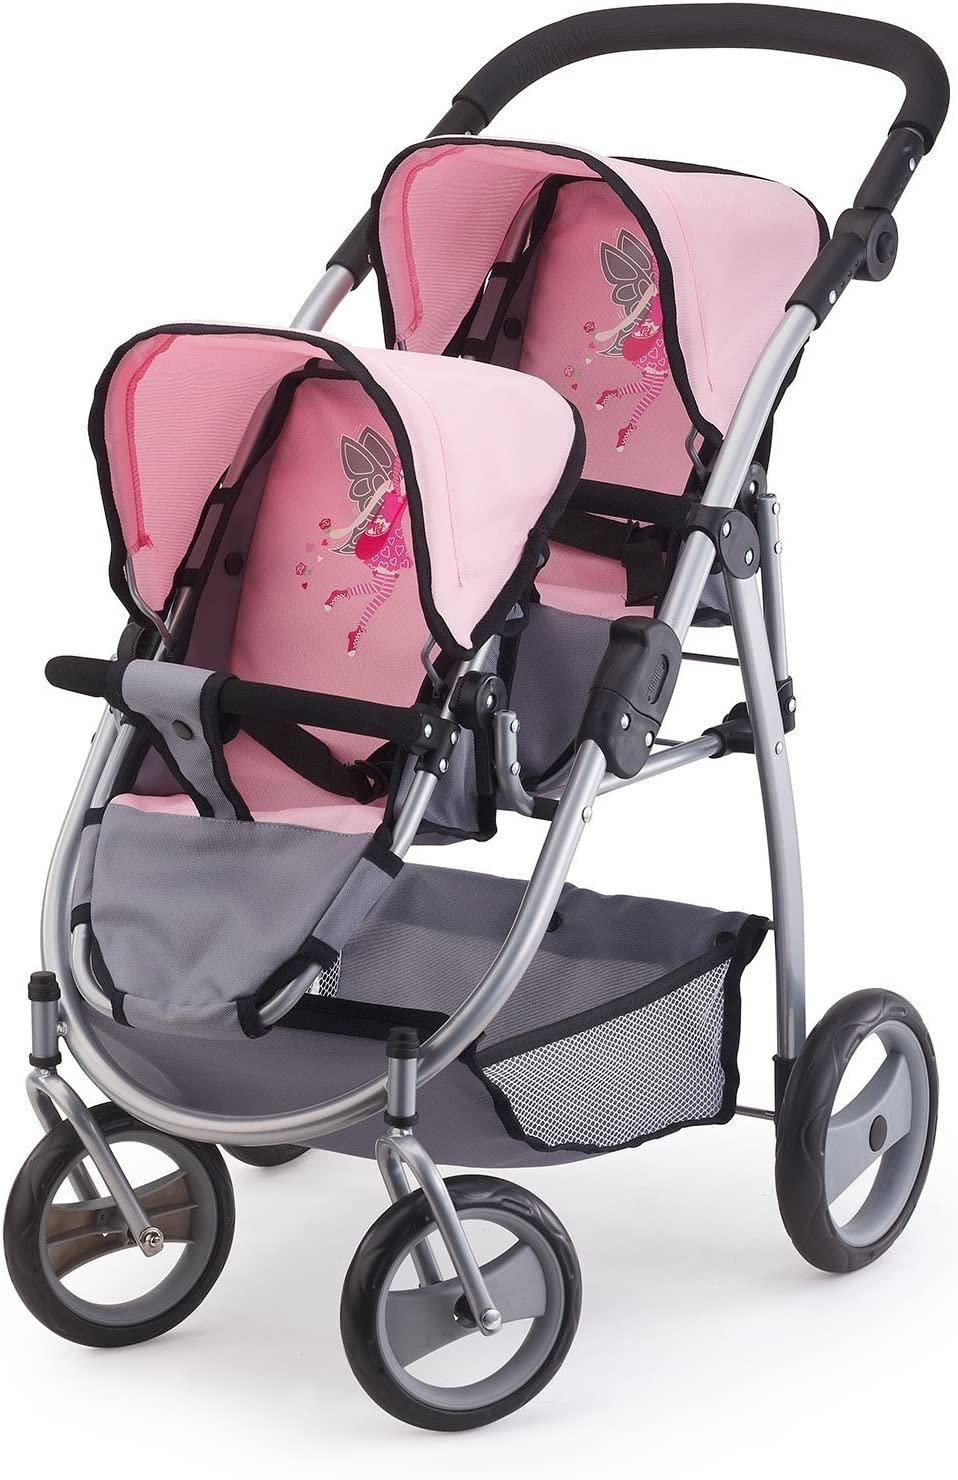 Wózek dla lalek bliźniaków - pomieści dwie lalki do 46 cm